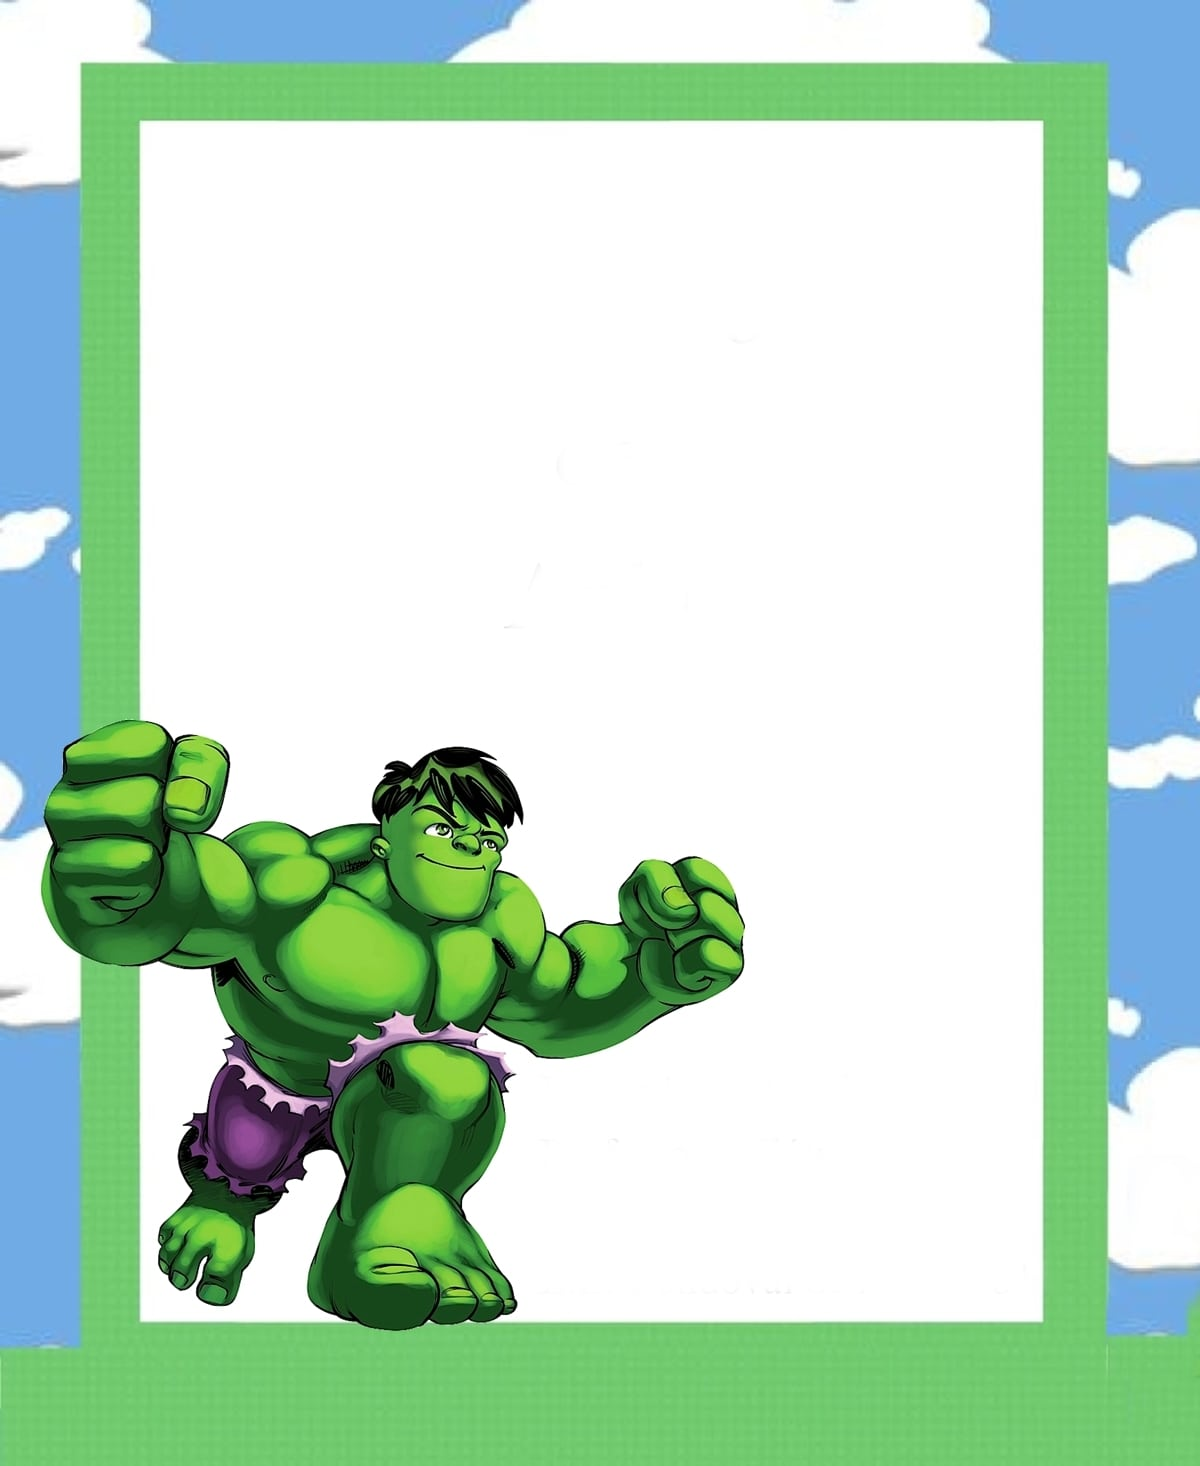 ♡ Point Das Fofurices ♡  Moldura E Desenho Do Hulk